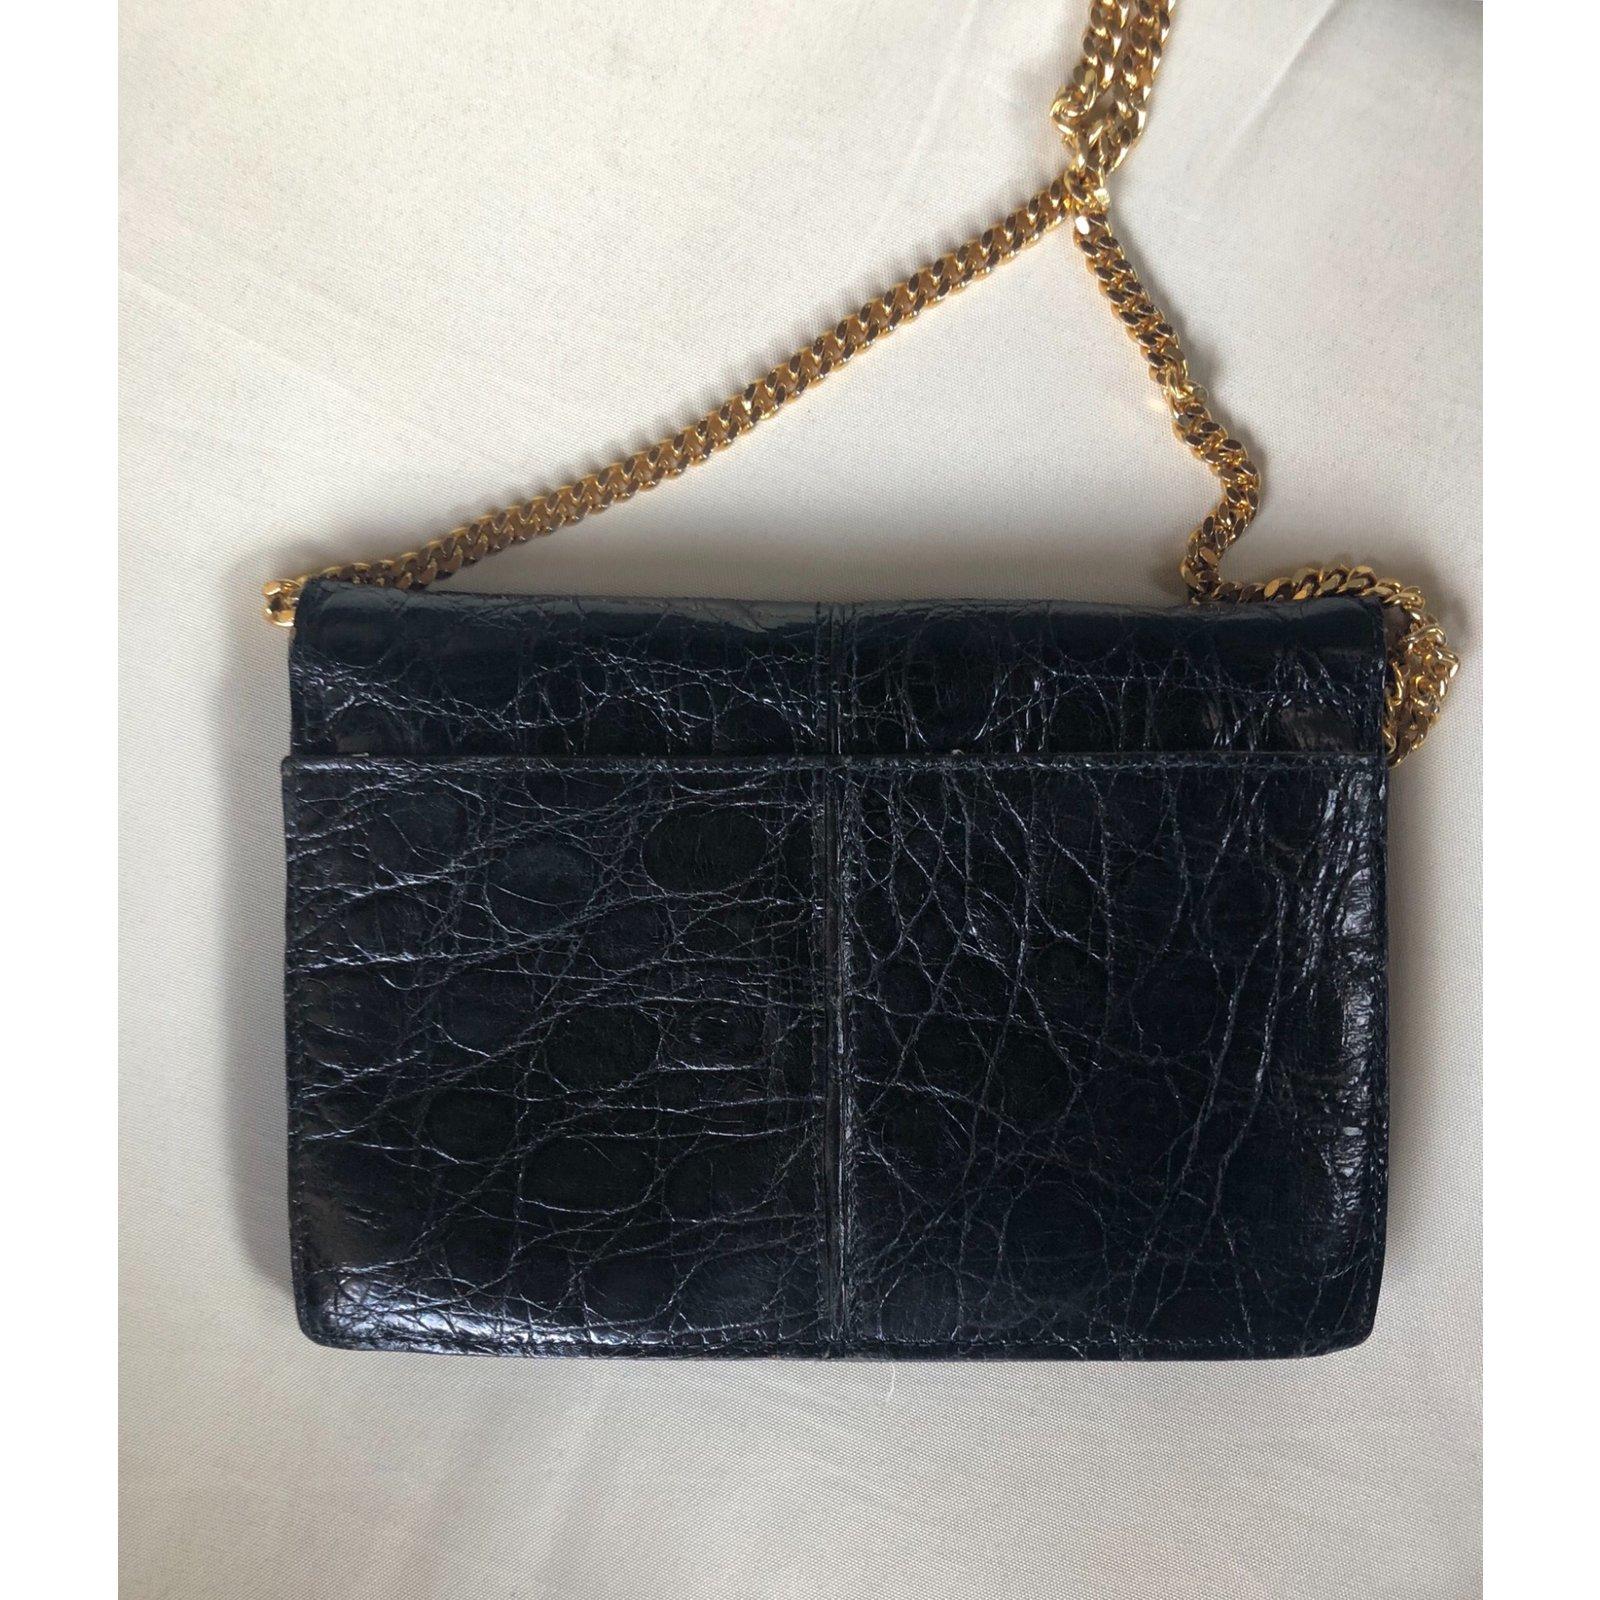 8a6dd2258c2e Céline Clutch bags Clutch bags Exotic leather Black ref.79080 - Joli Closet